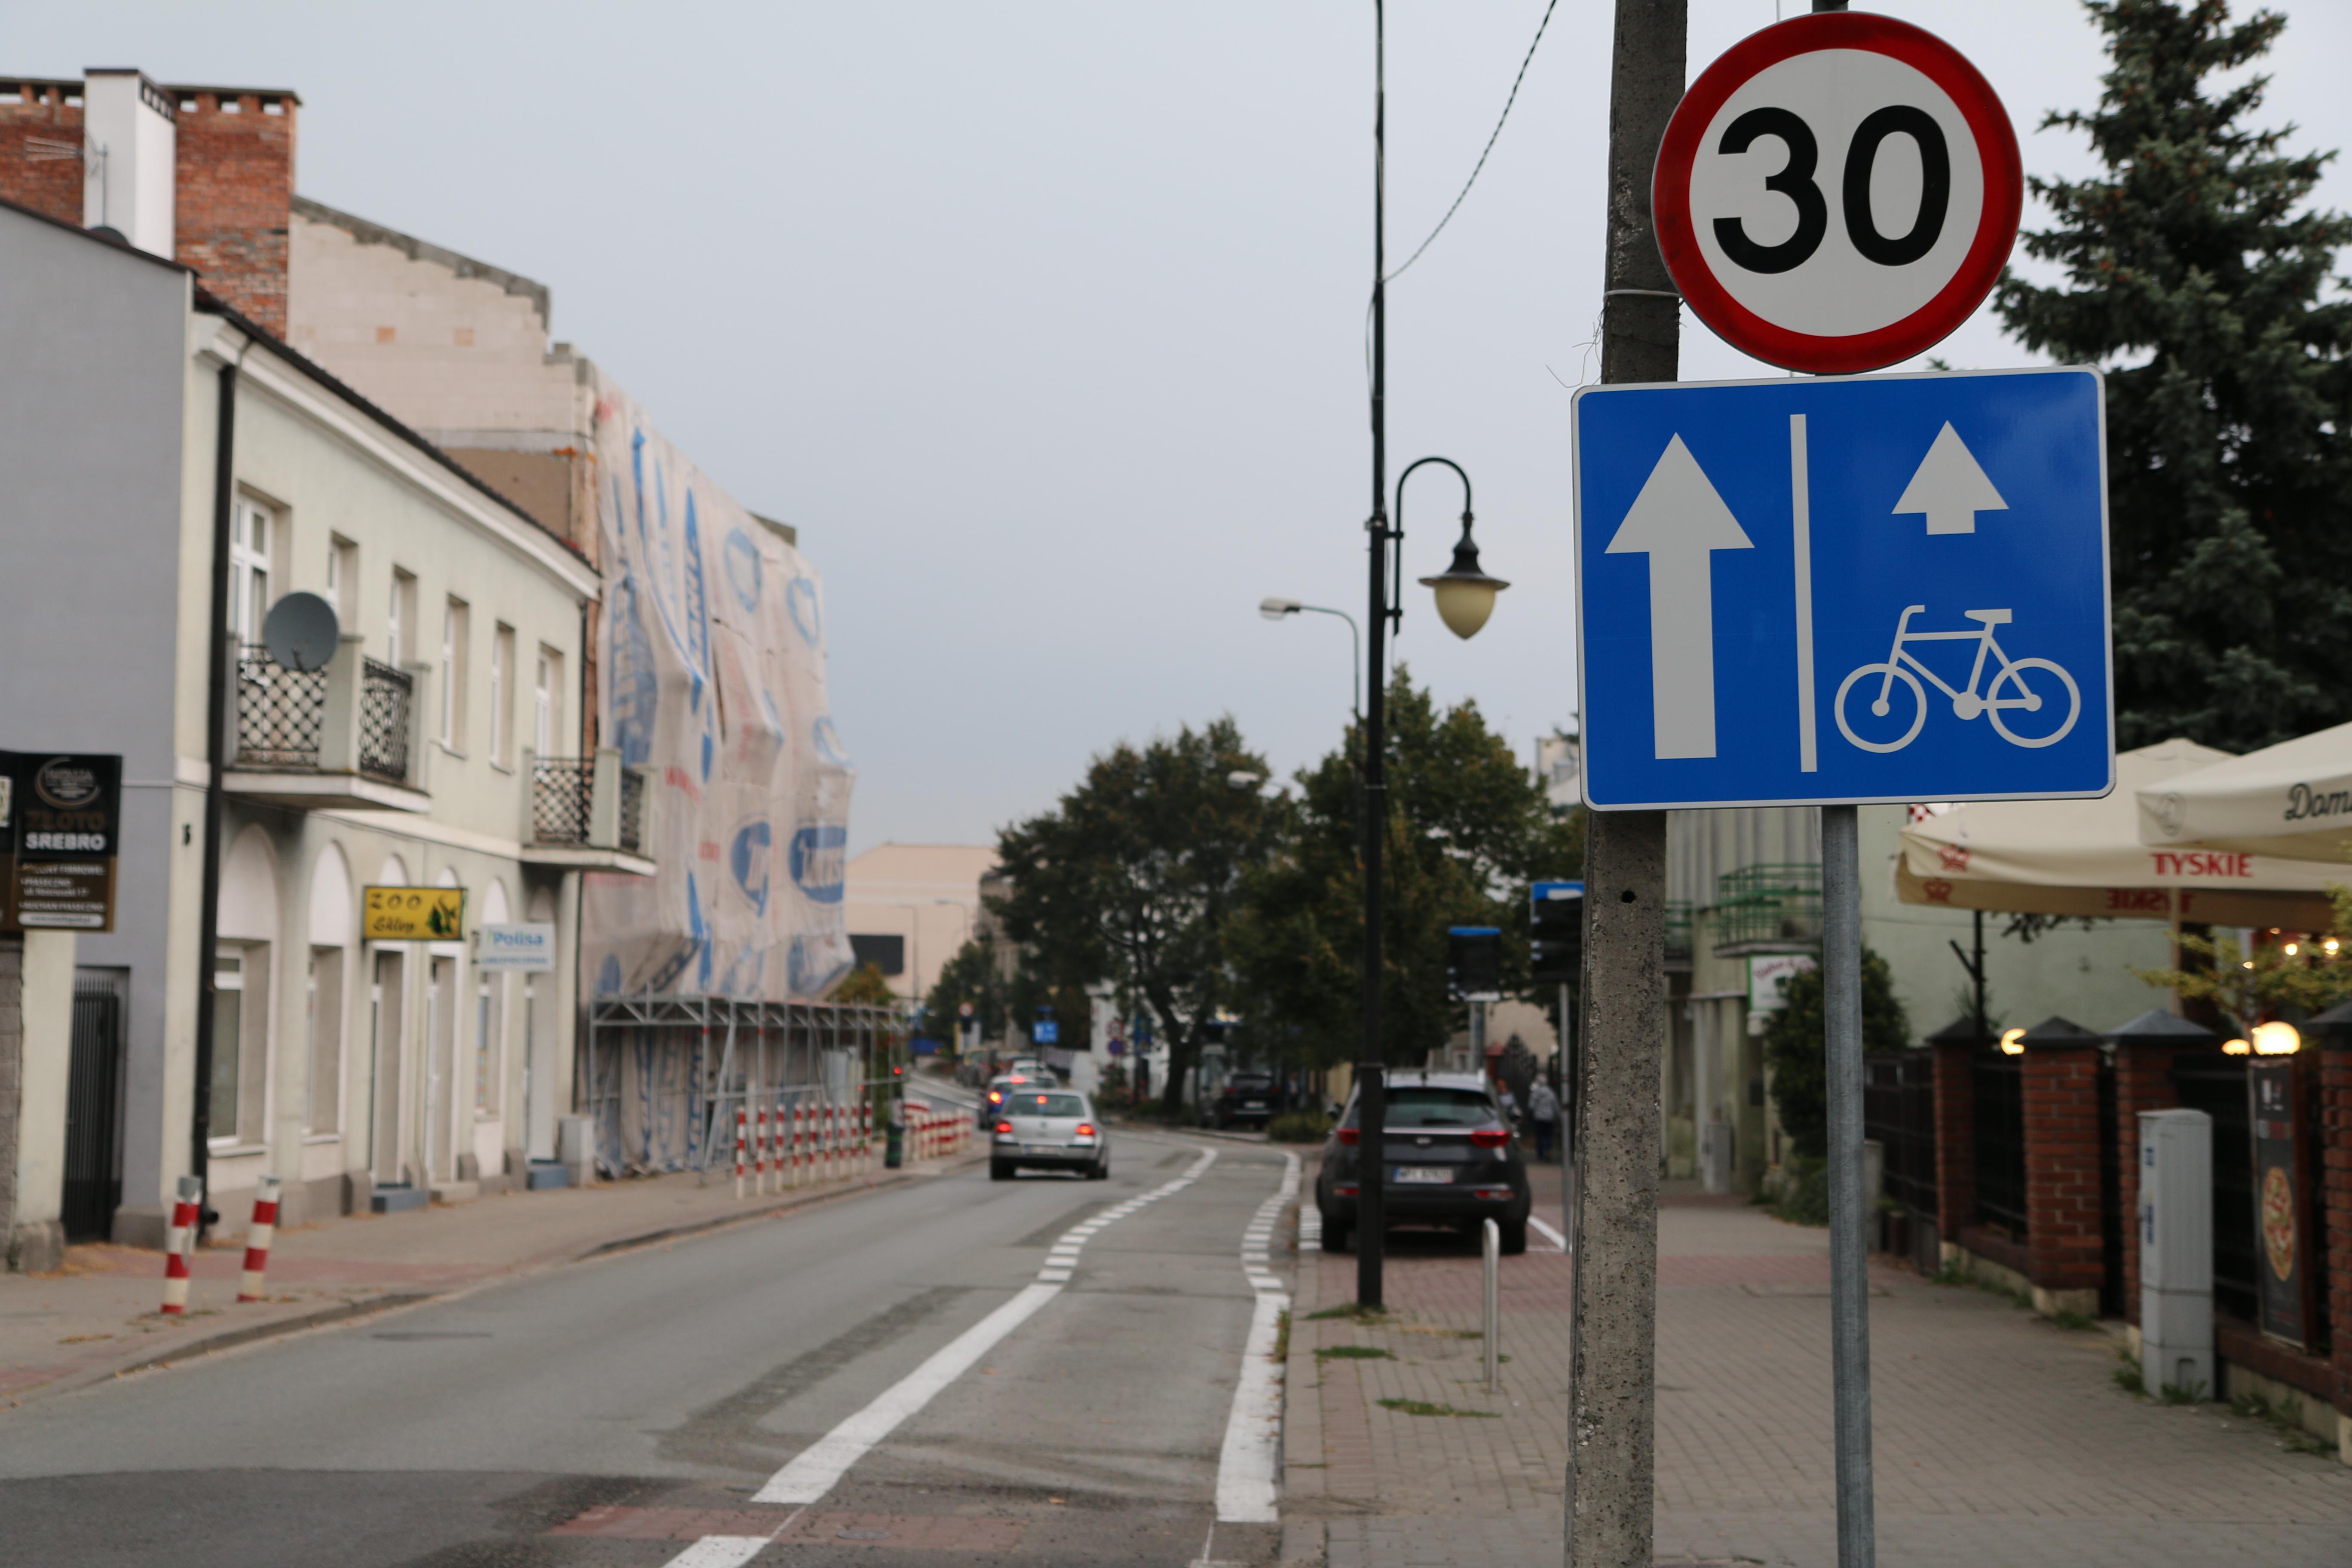 Nowa infrastruktura rowerowa w Piasecznie. Na zdjęciu znaki drogowe z informacją o pasioe rowerowym i pasie ruchu dla samochodów oraz ograniczeniu prędkości do 30 km/h.